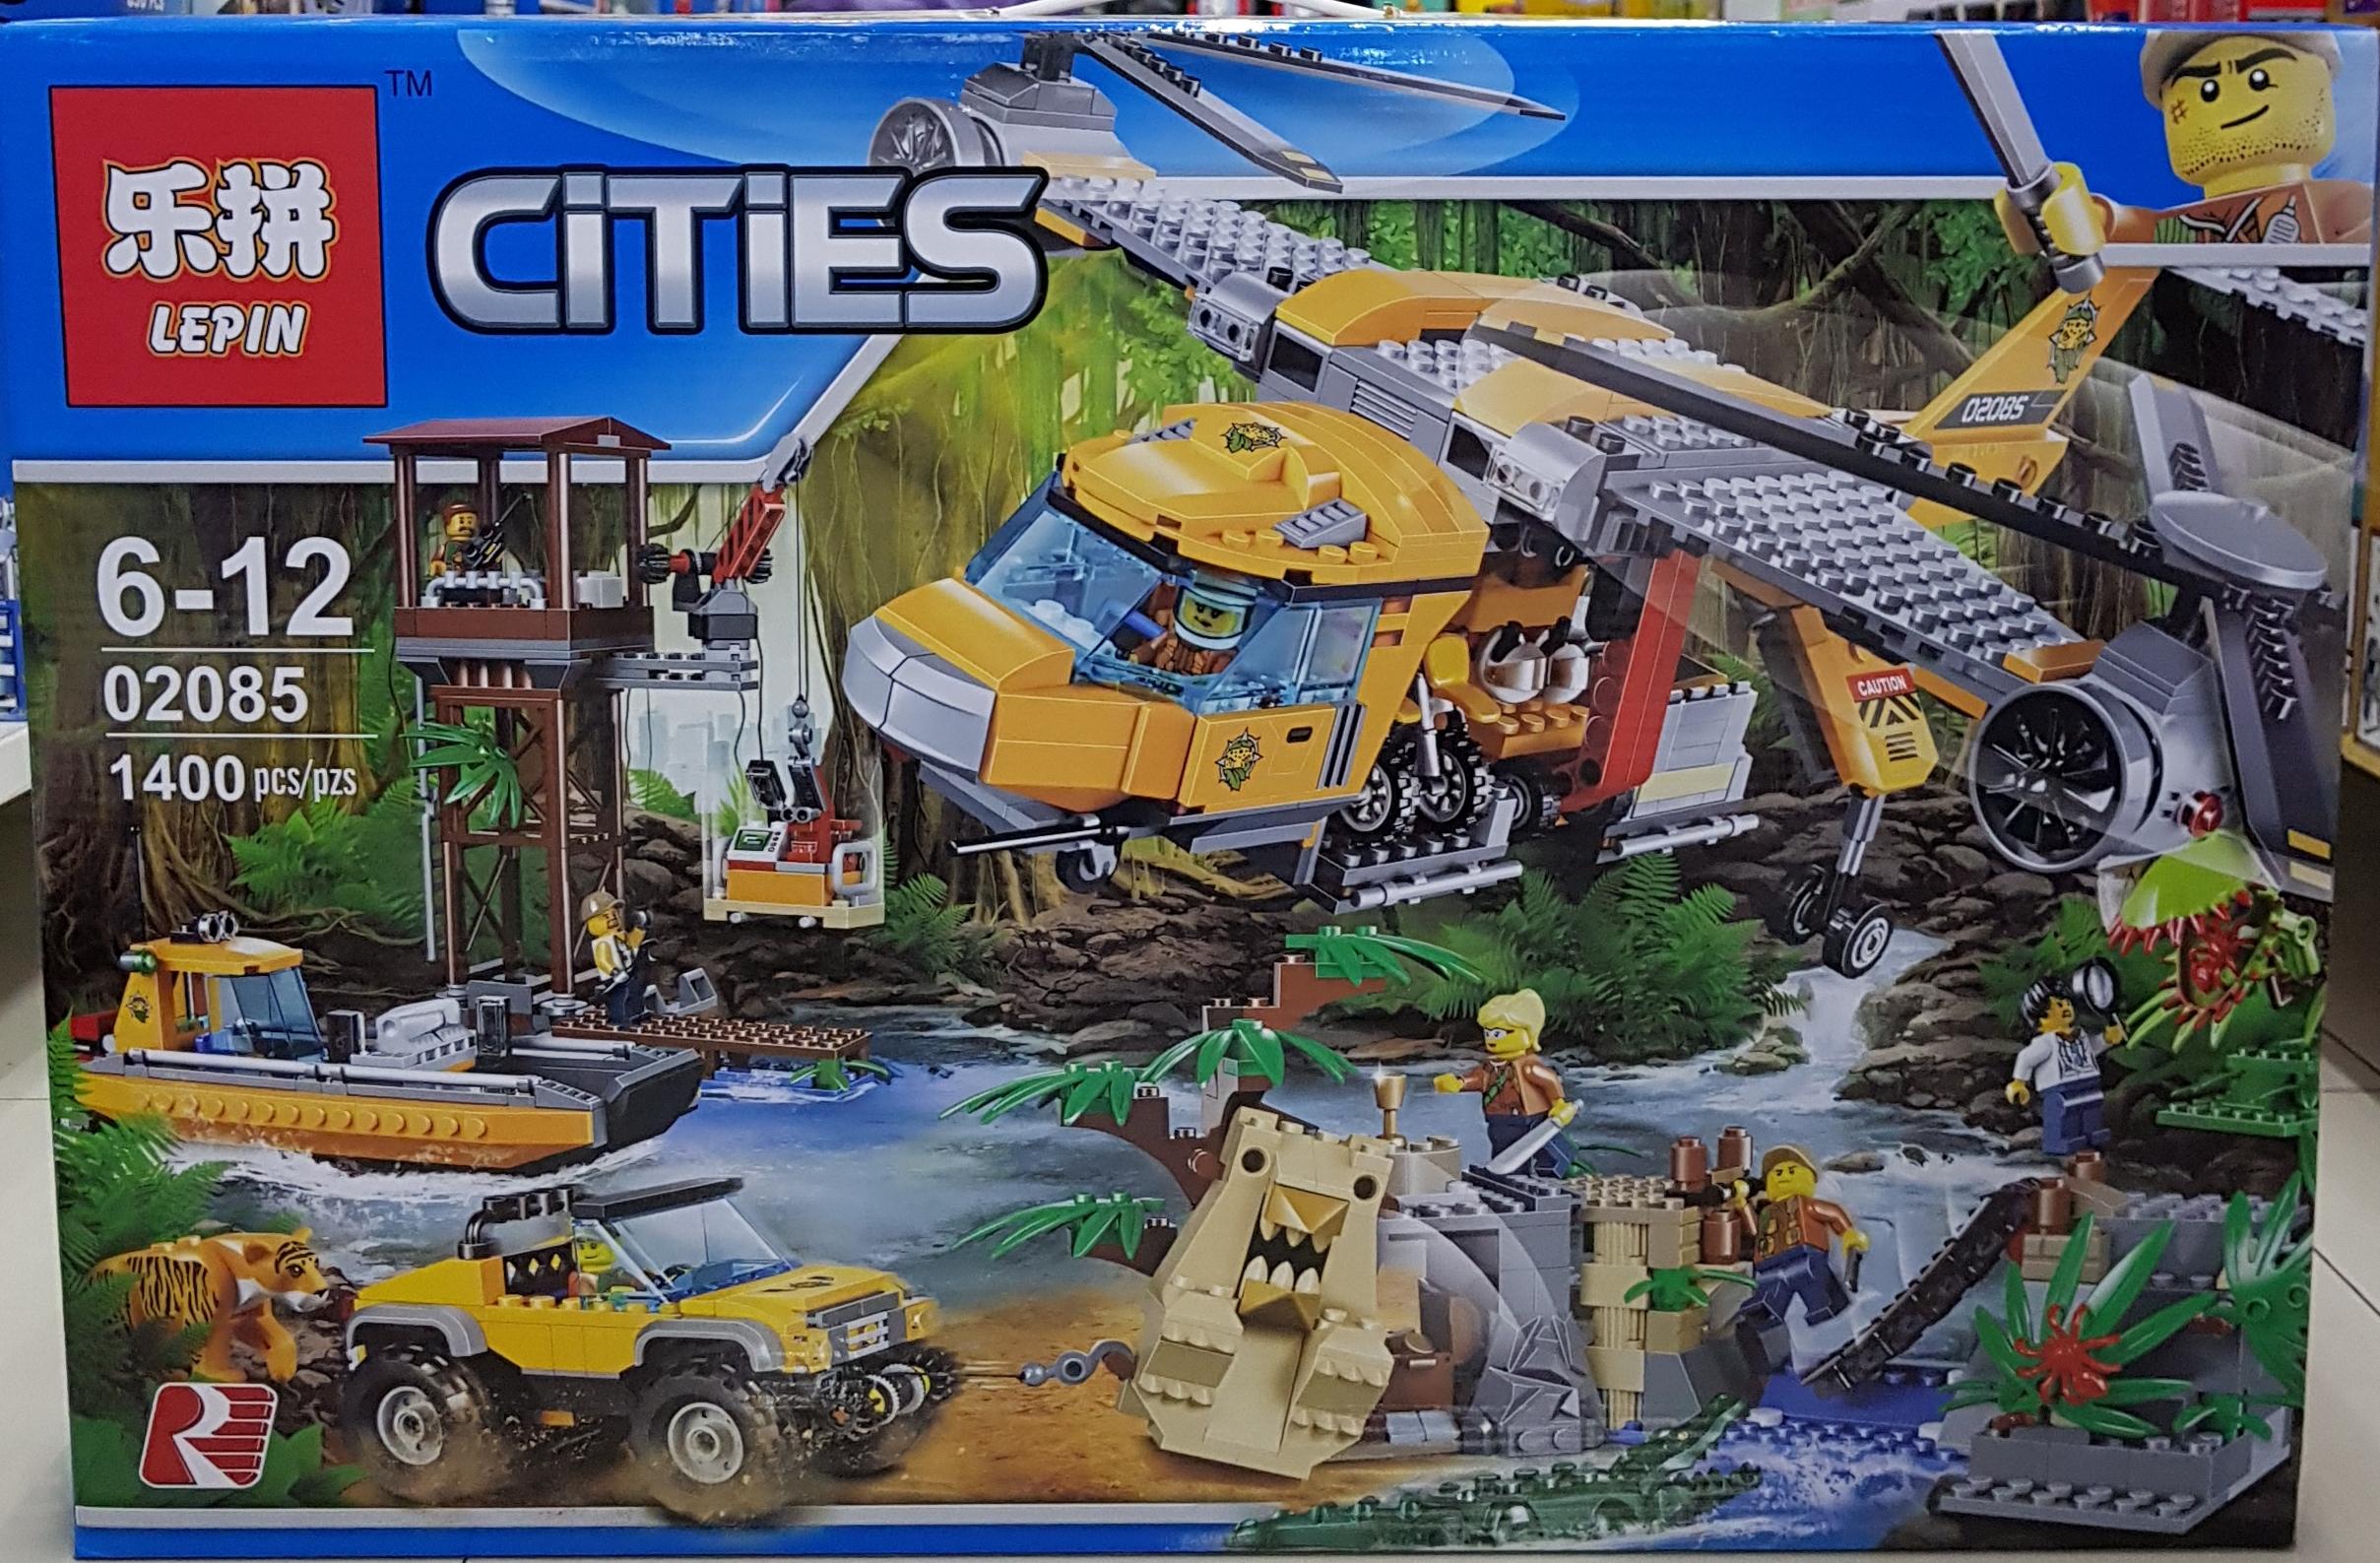 LEPIN CITIES 02085 [1400ชิ้น]